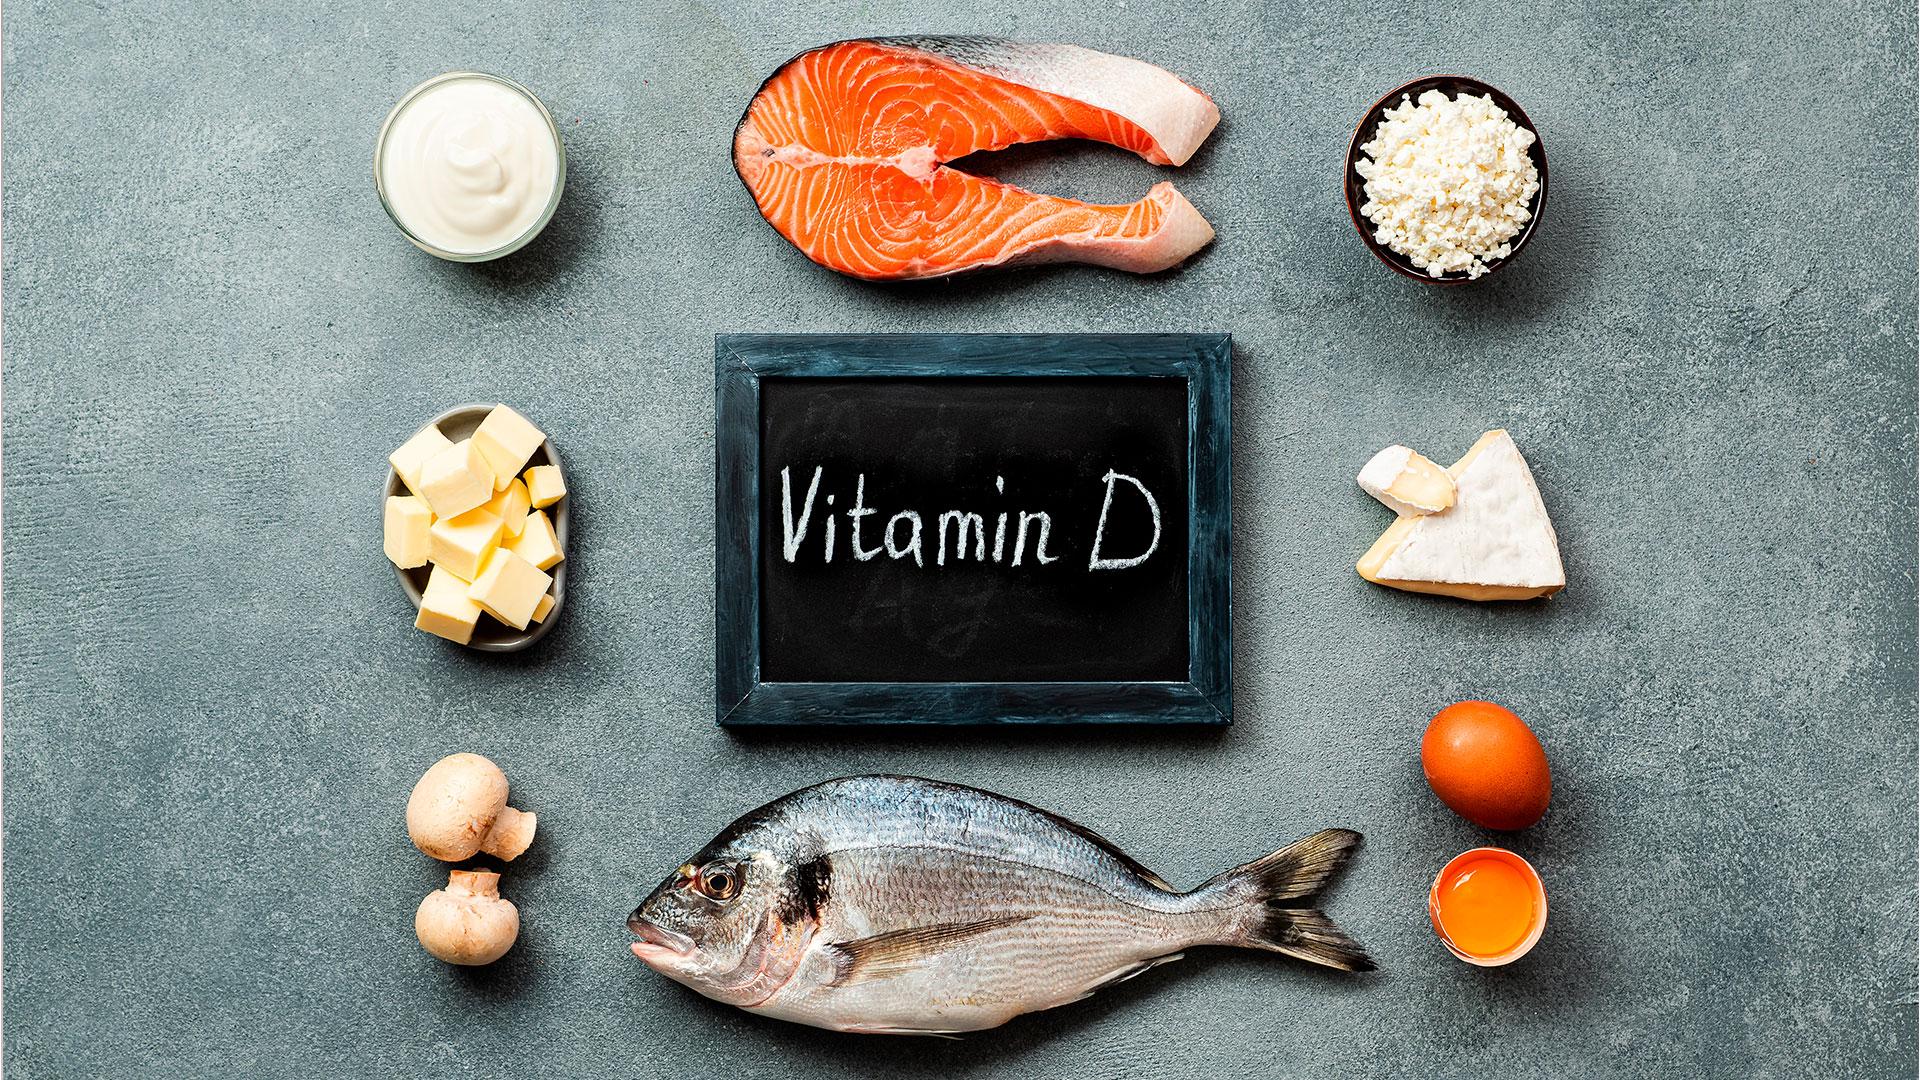 Supplementazione con vitamina D per la prevenzione del diabete di tipo 2, ipotesi plausibile